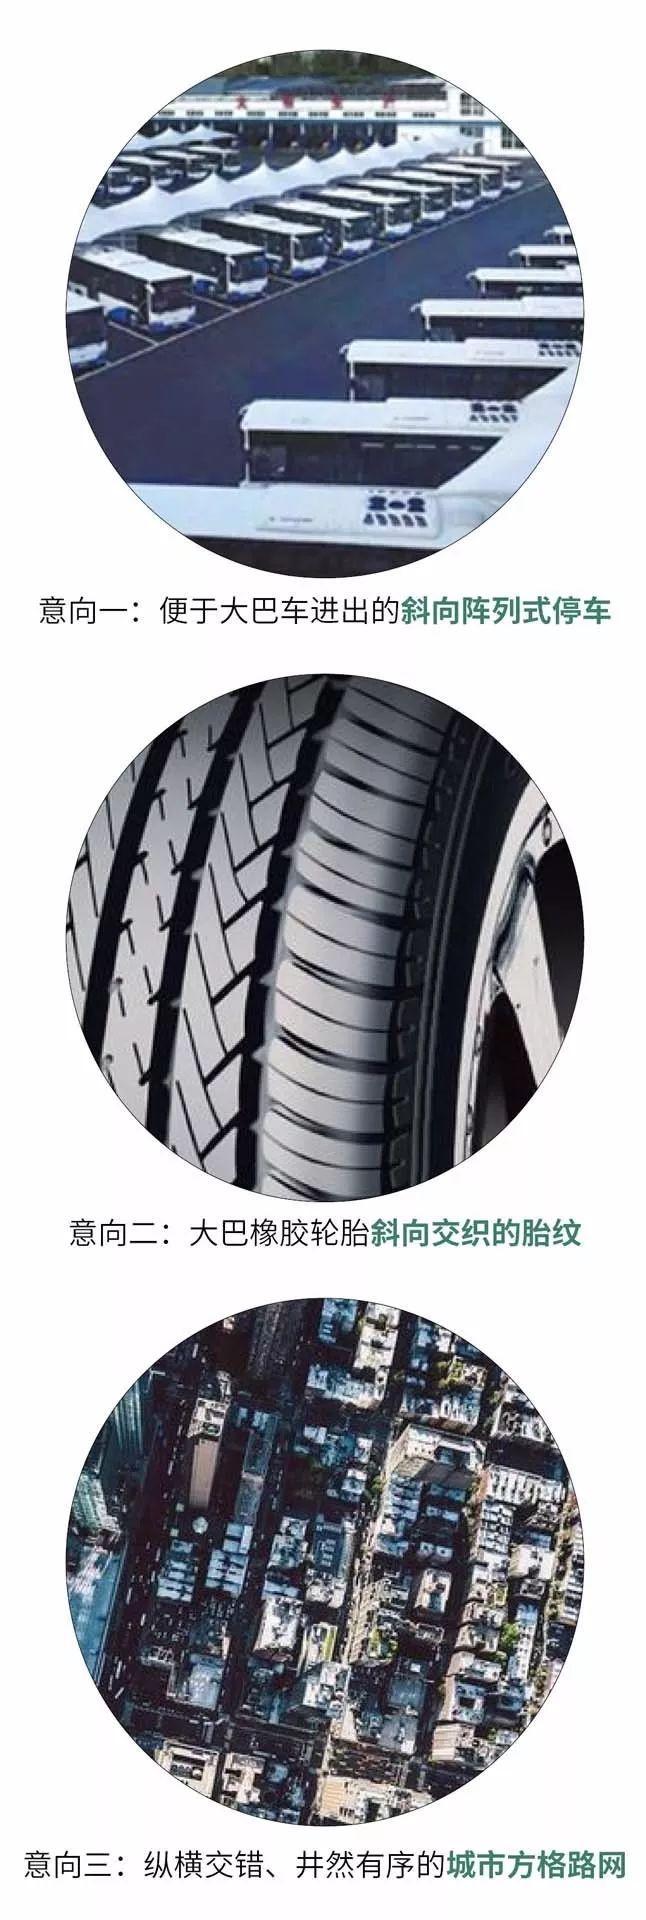 上海逸仙路公交停车场改建工程_13